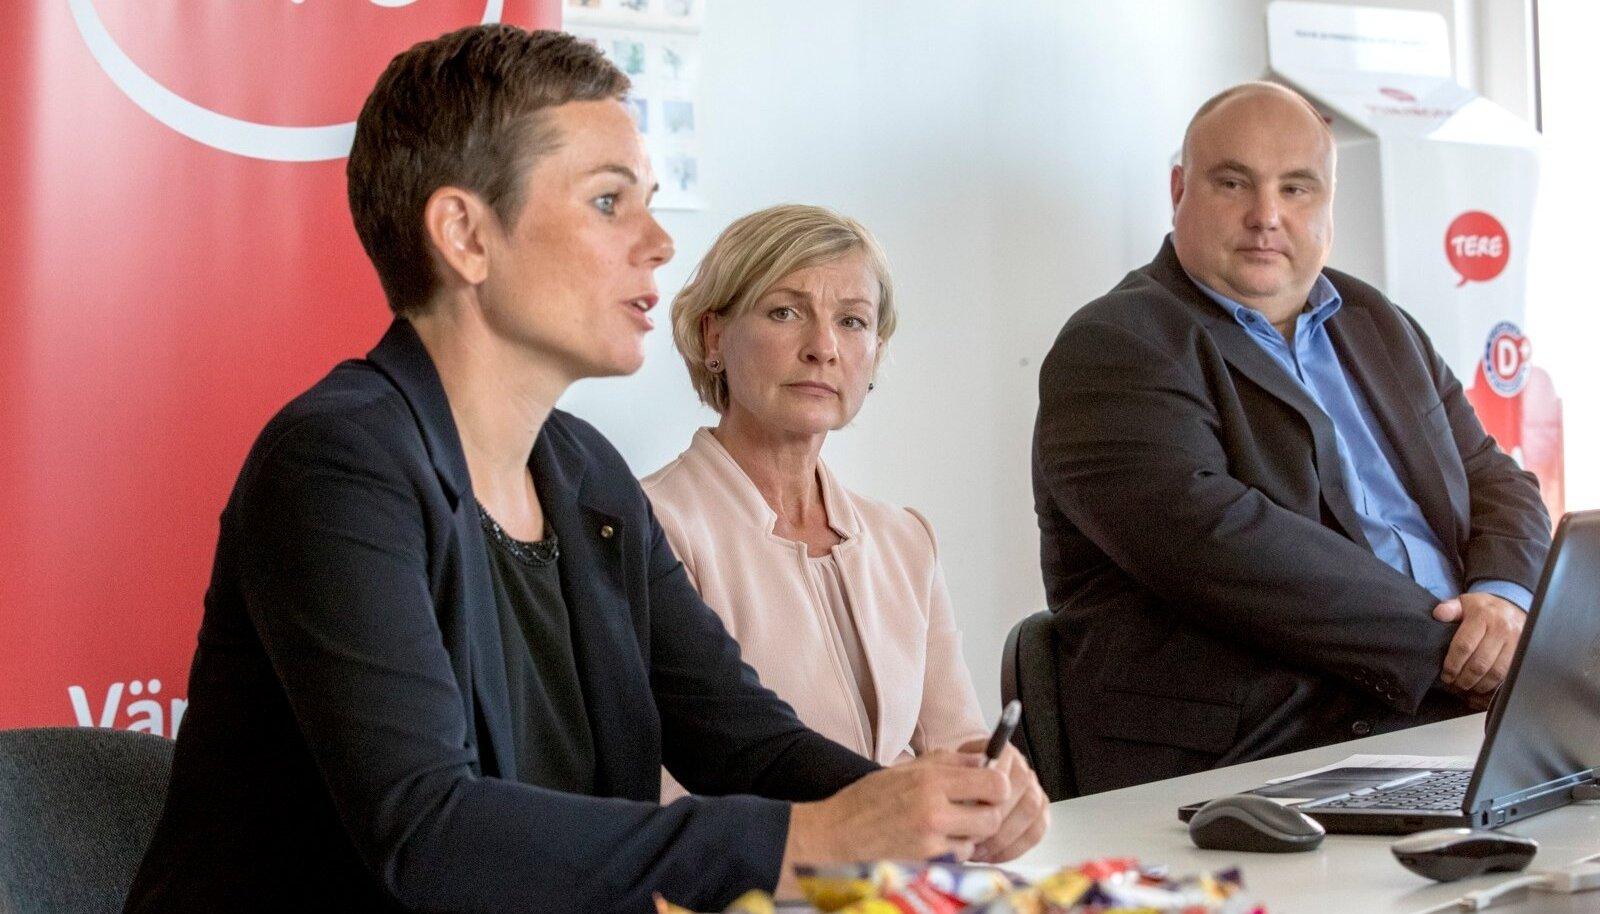 Tere juhataja Margit Talts, nõukogu esimees Katre Kõvask ning Farmi Piimatööstuse juhataja Valdis Noppel.